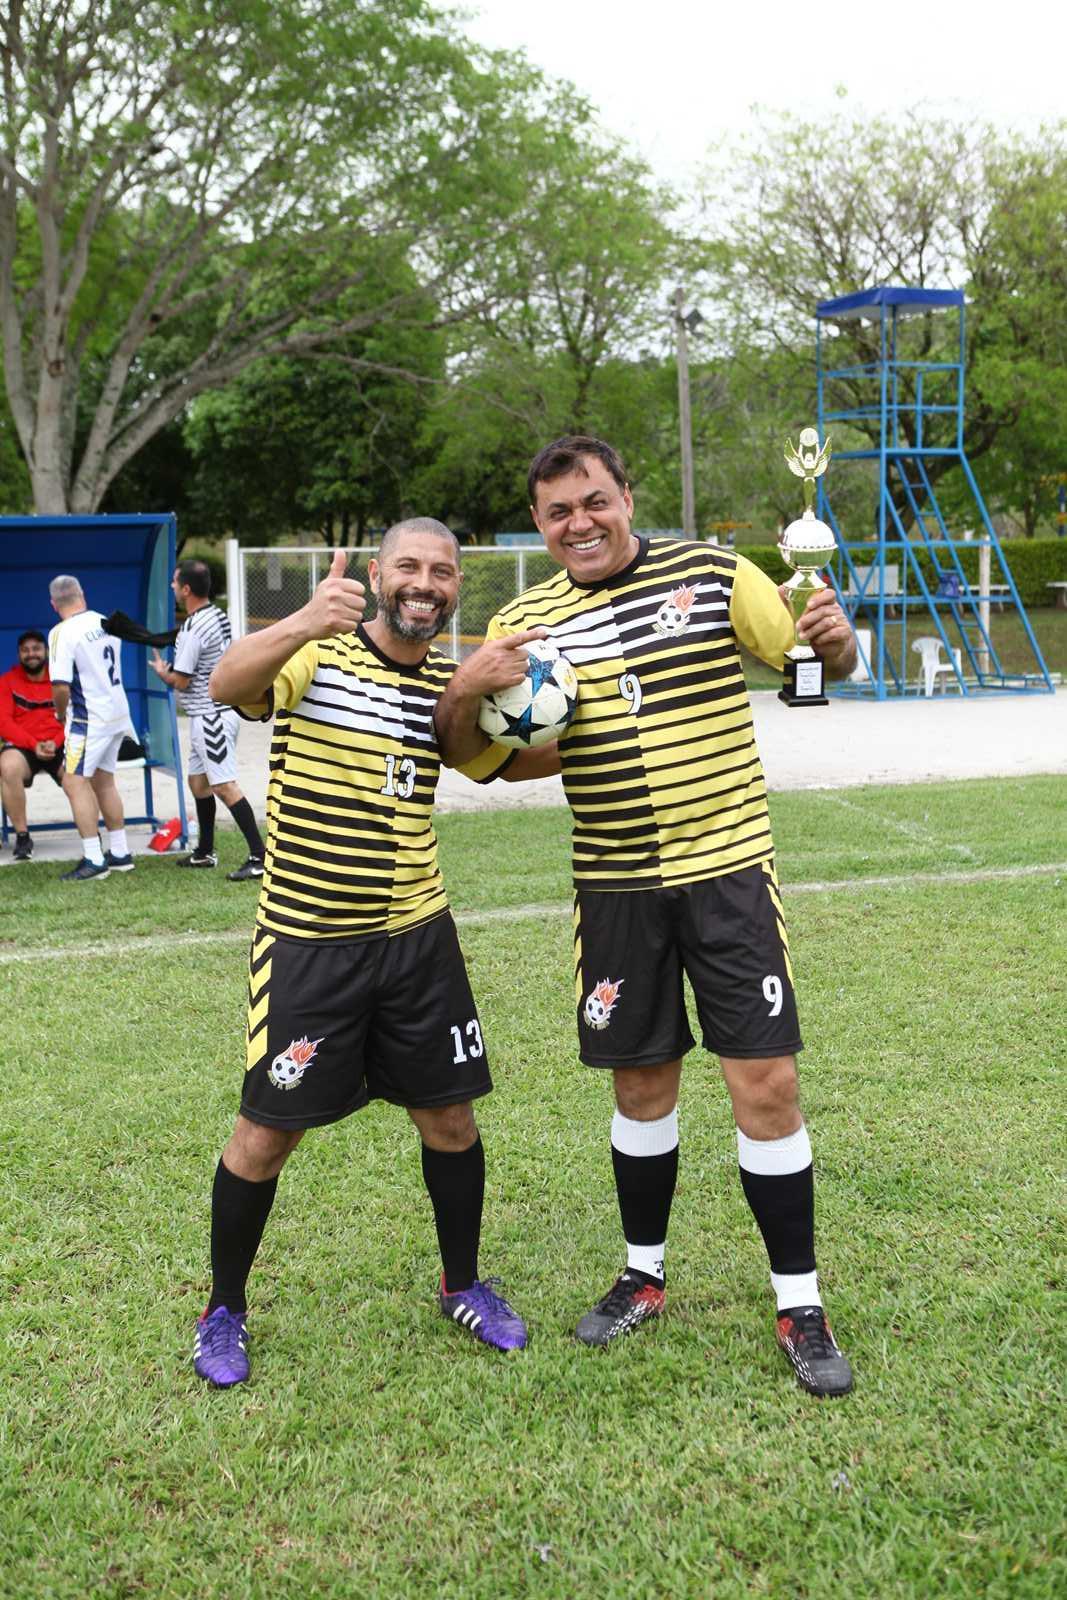 Jogo Festivo - Amigos de Quarta